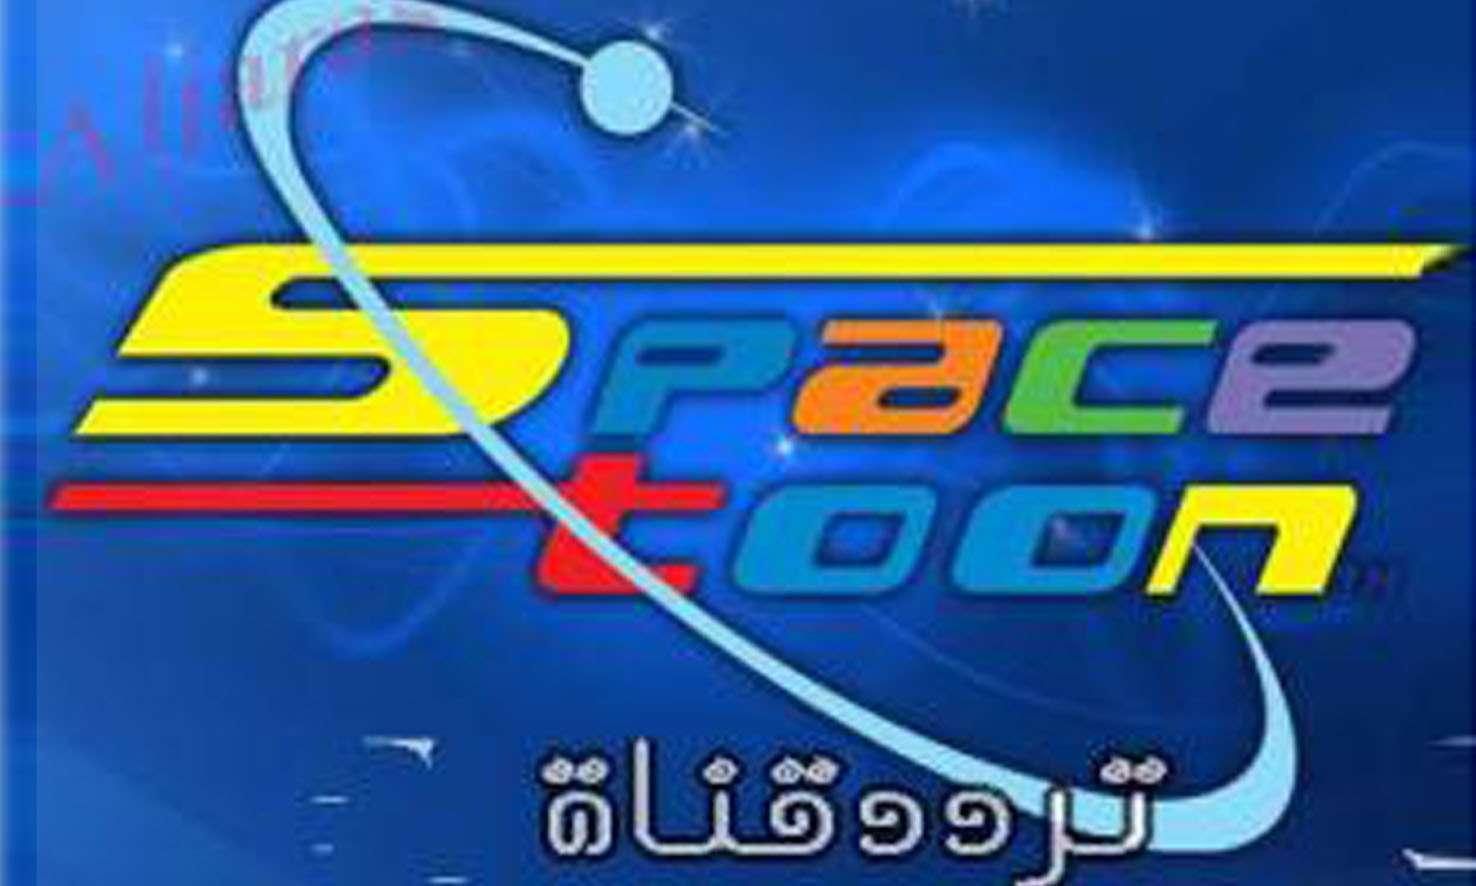 تردد قناة سبيس تون Space Toon العربية الجديد 2020 على نايل سات